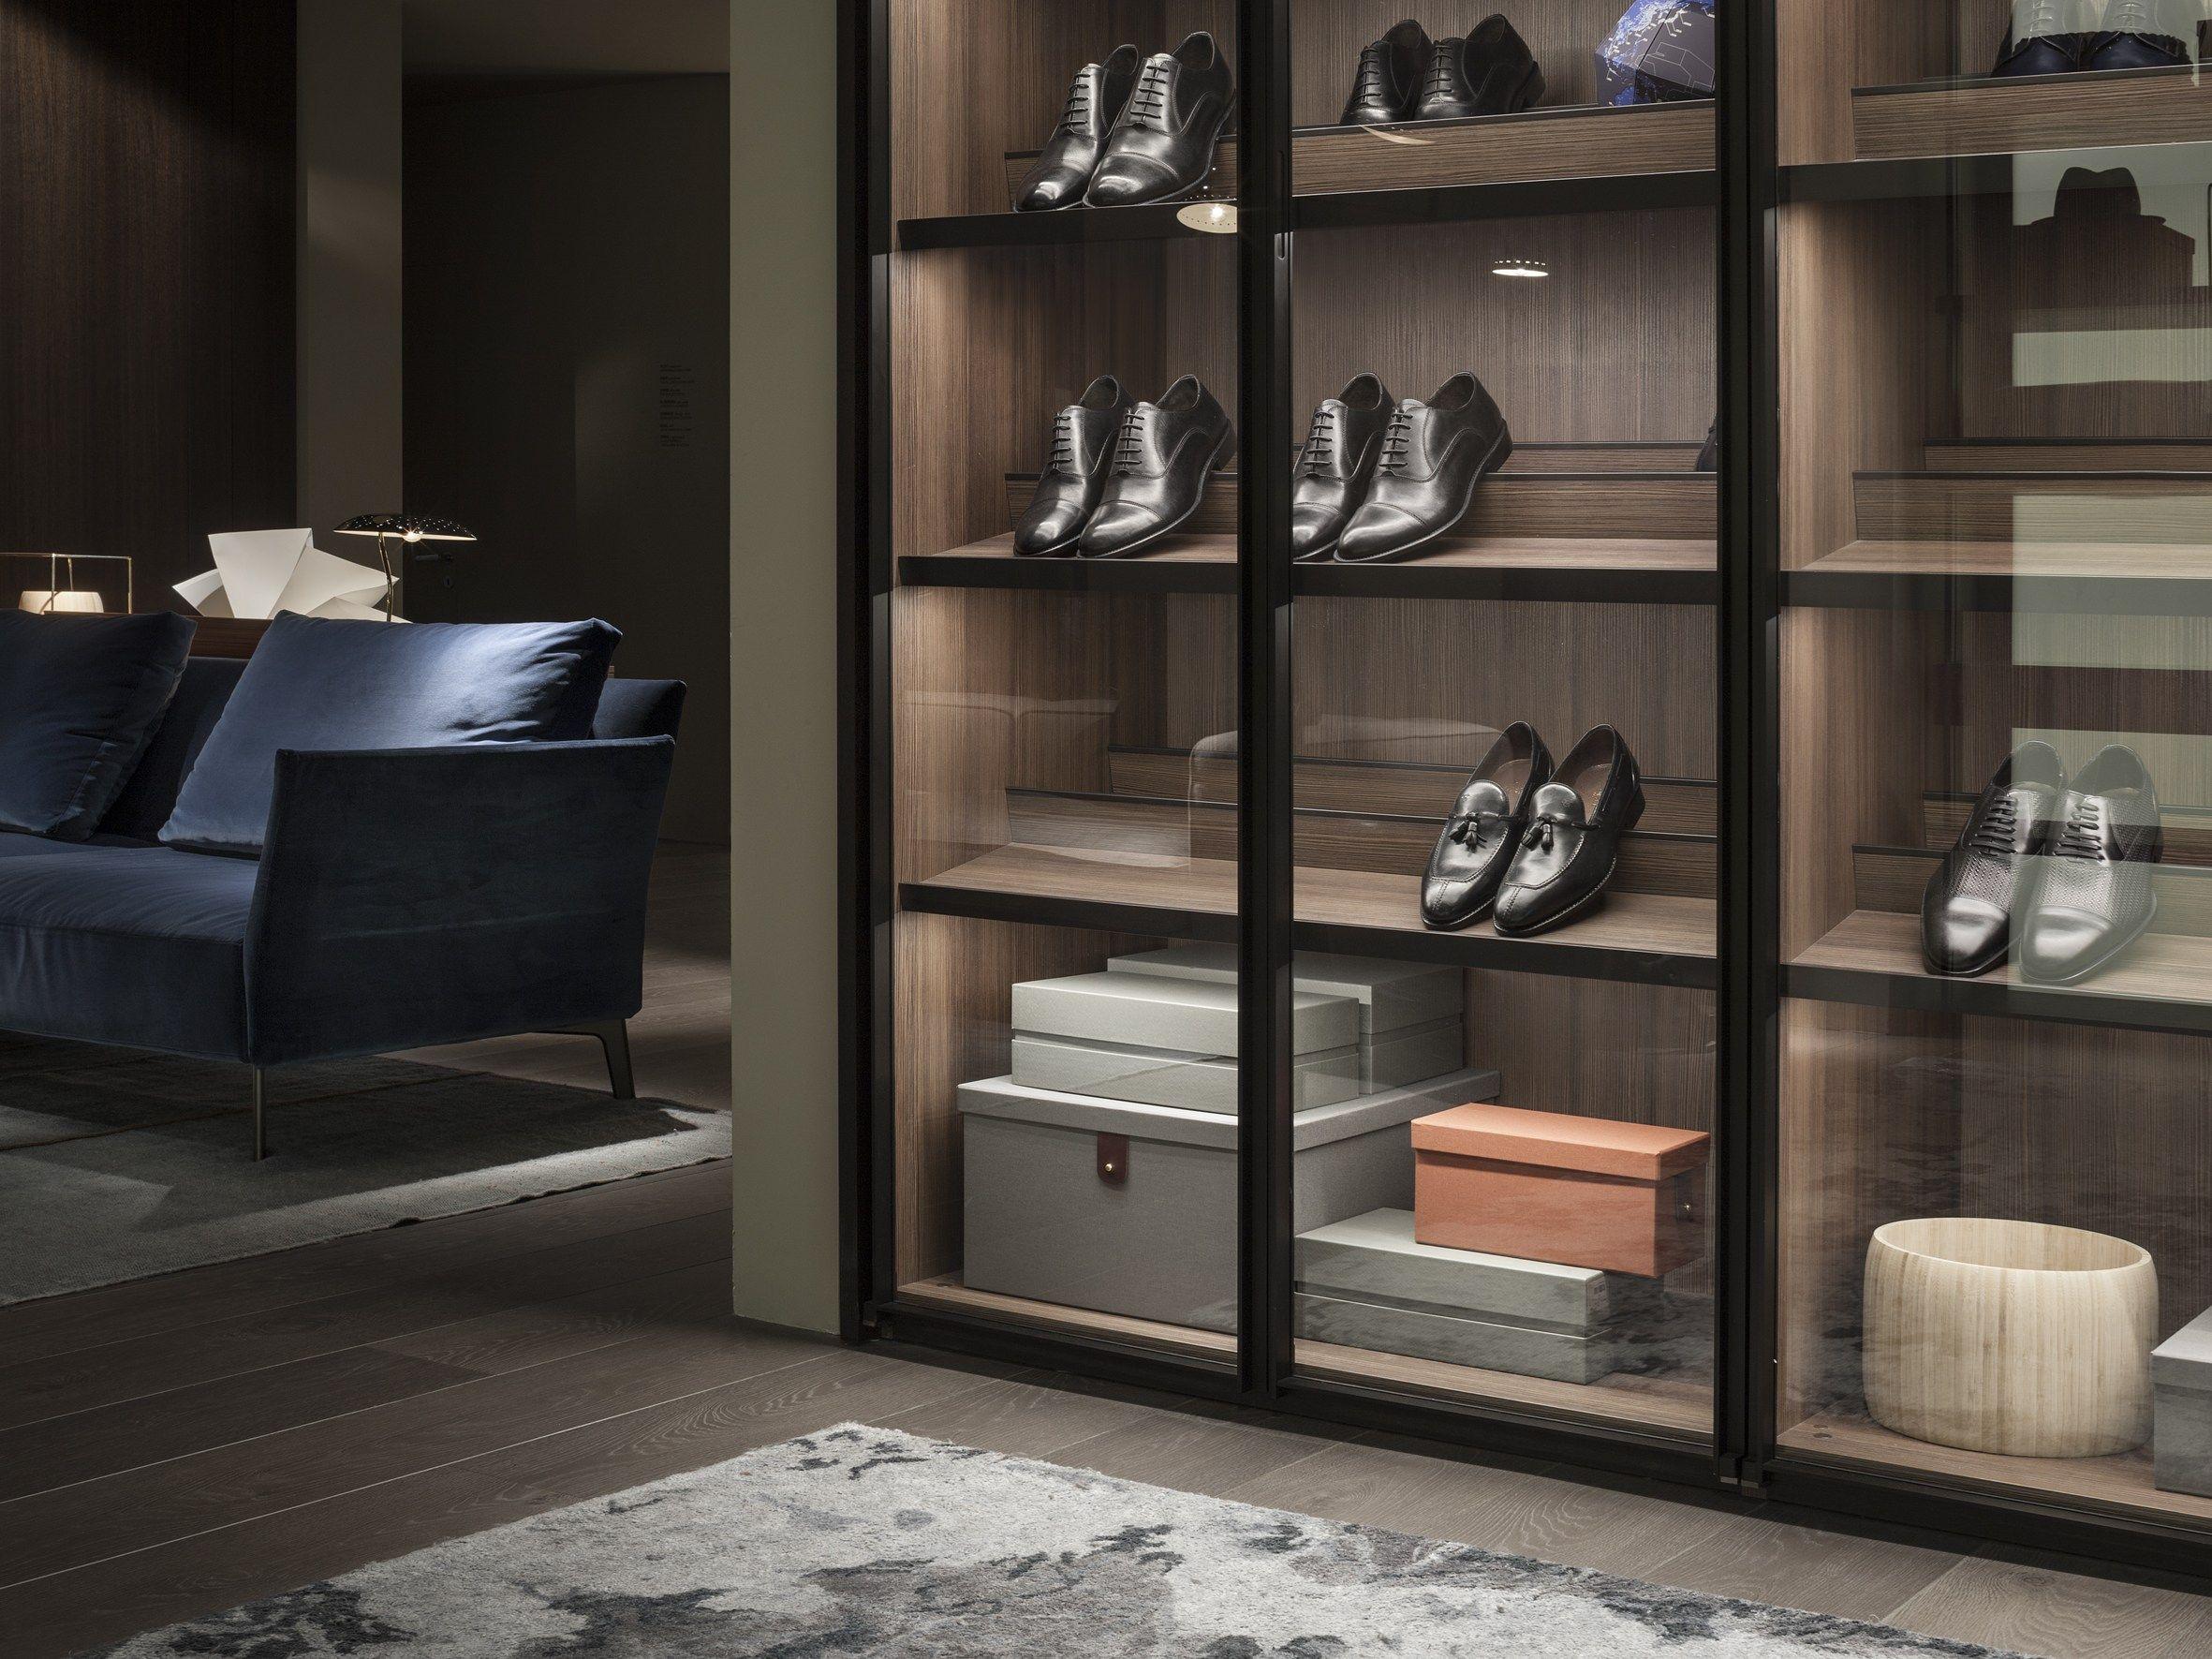 Popular Kleiderschrank aus Aluminium und Glas nach Mass ARIA by Lema Design David Lopez Quincoces